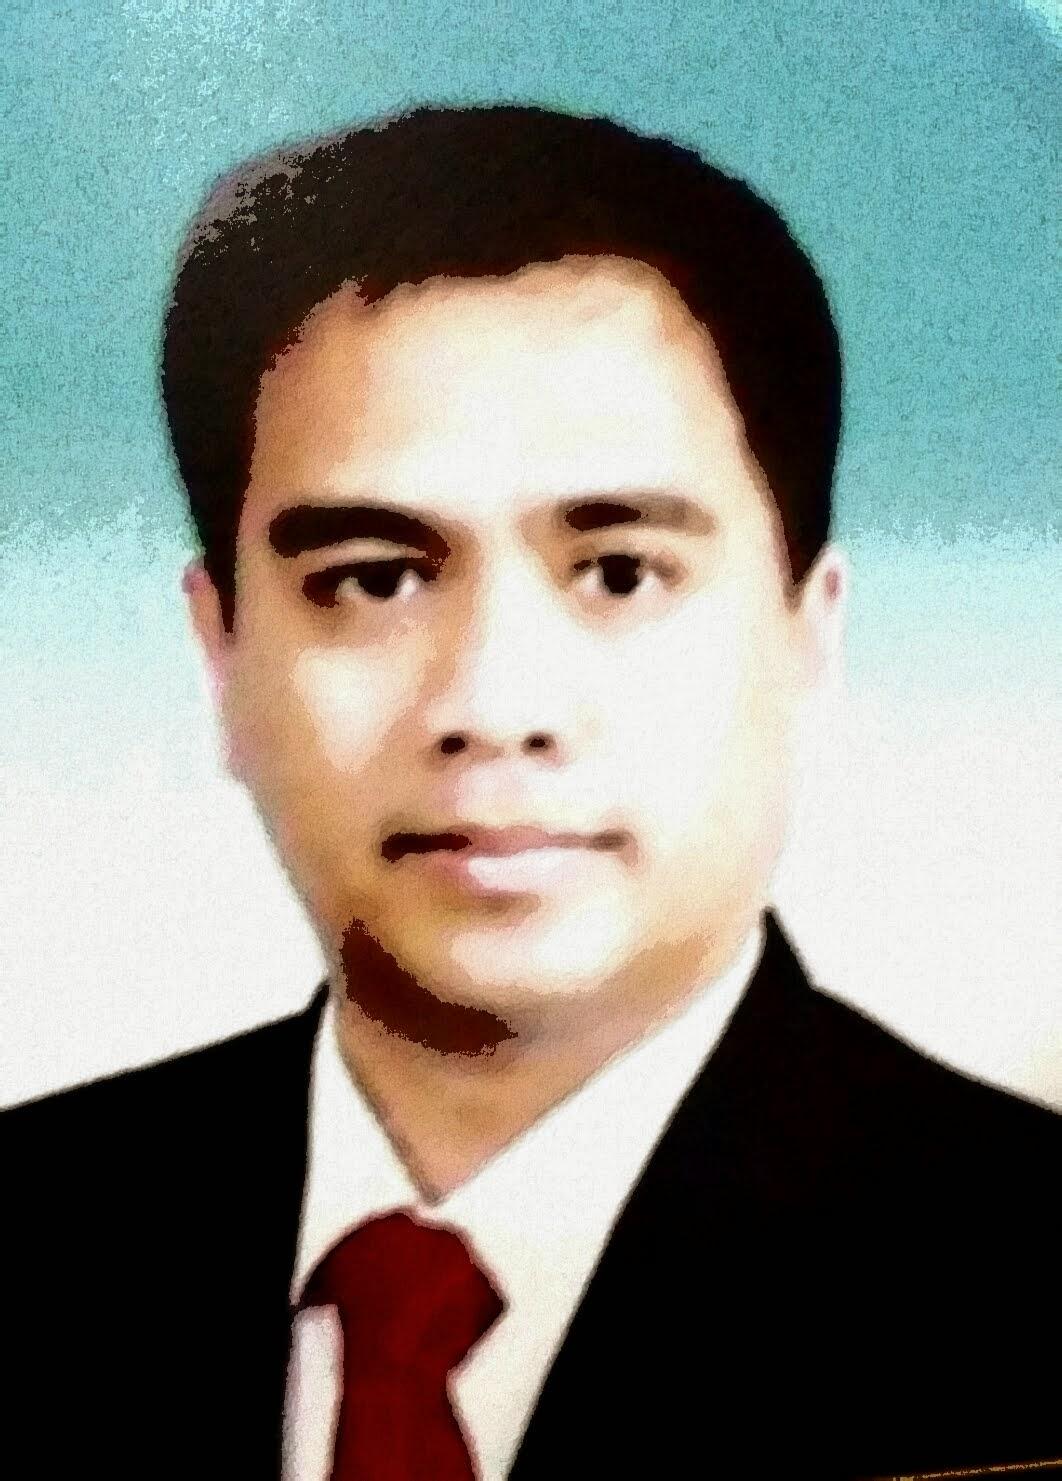 Tunku Iskandar Shah b. Tunku Muszaffar Shah